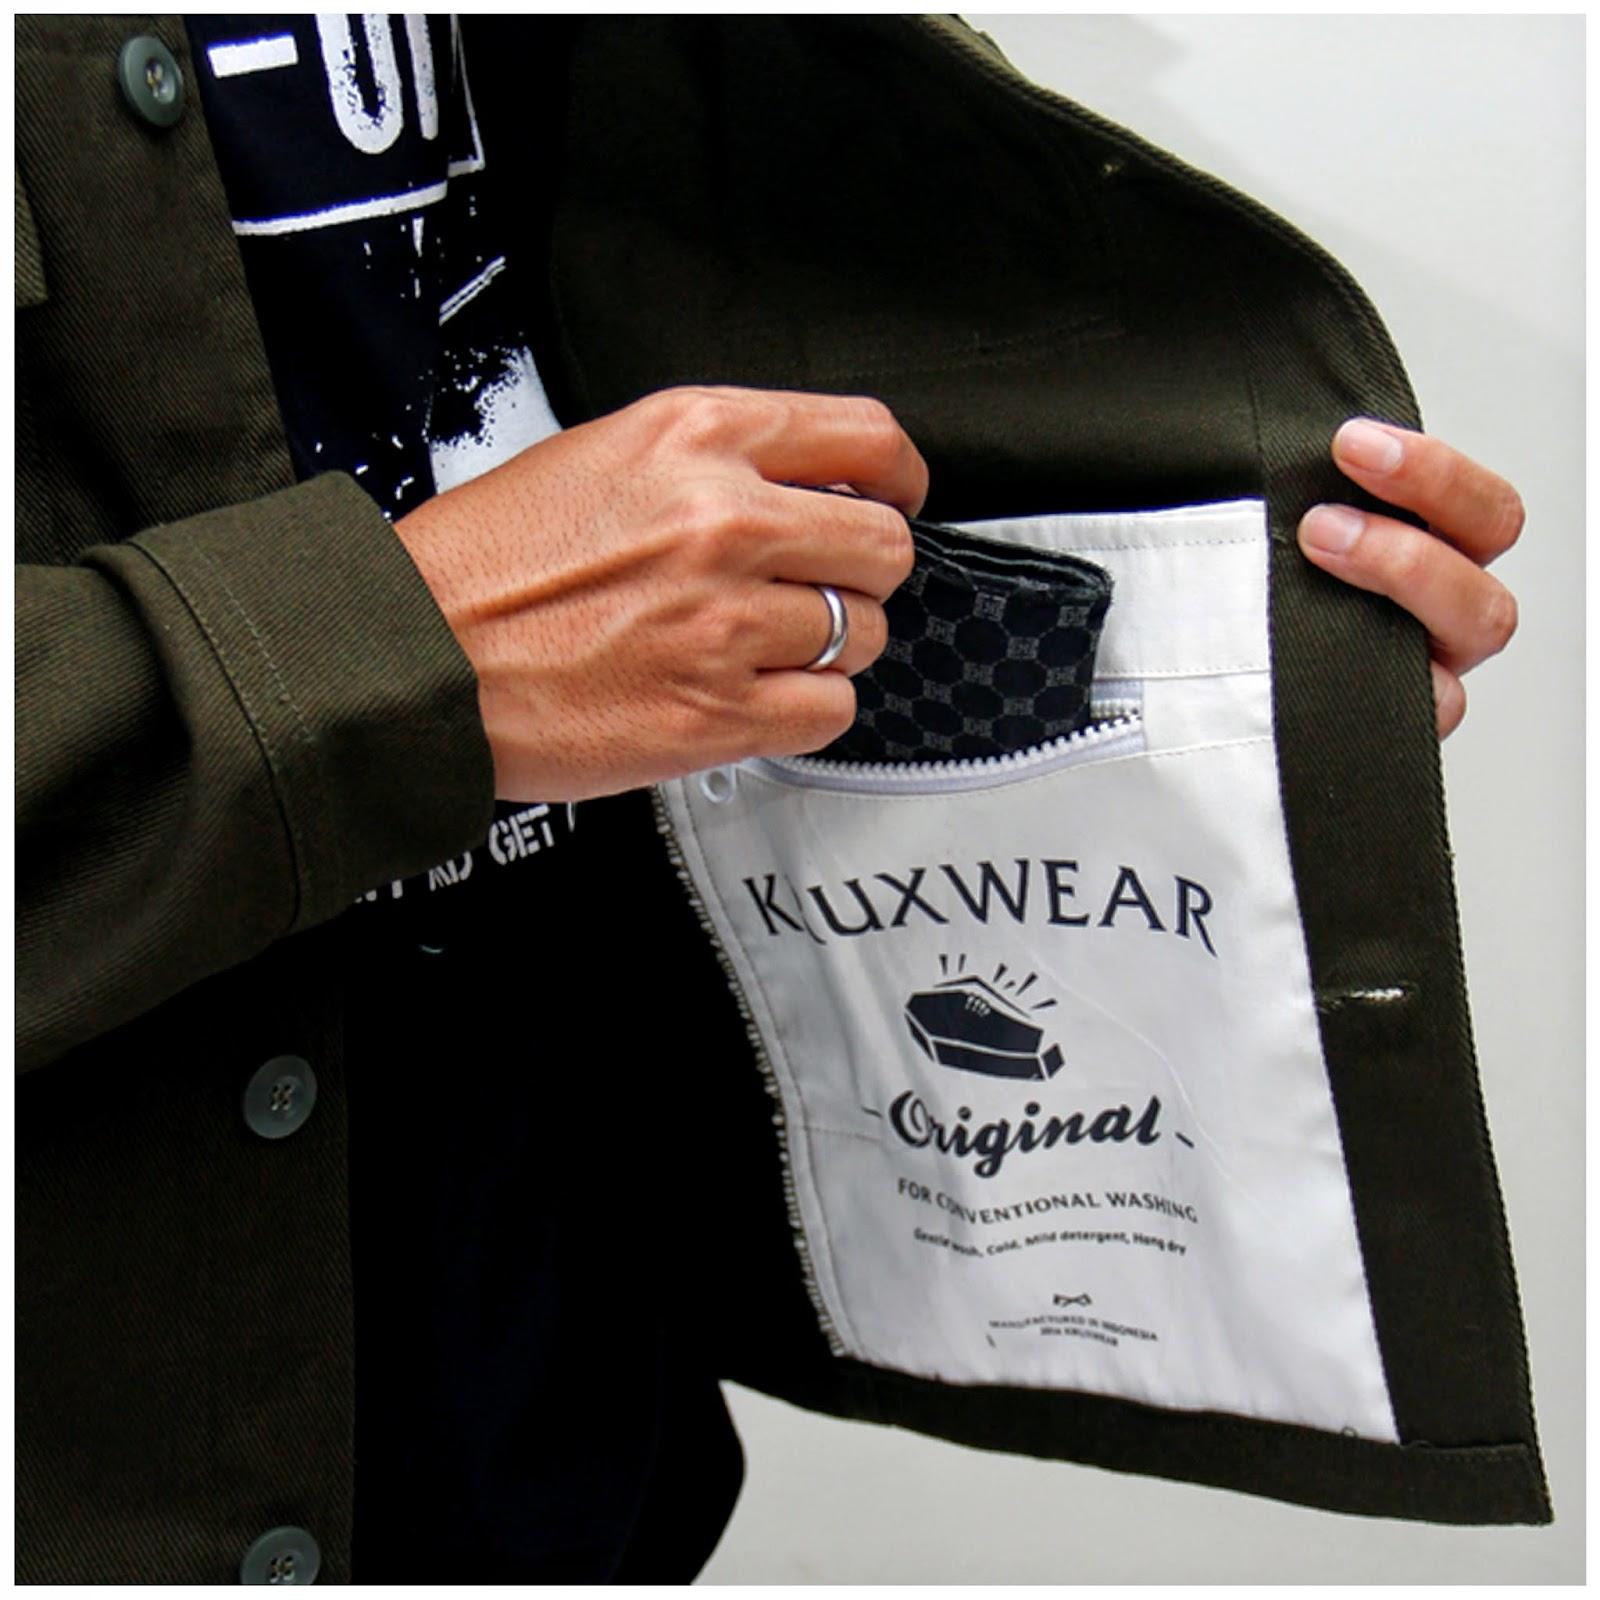 http://kruxwear.blogspot.com/2014/06/kruxwear-flockjackets.html